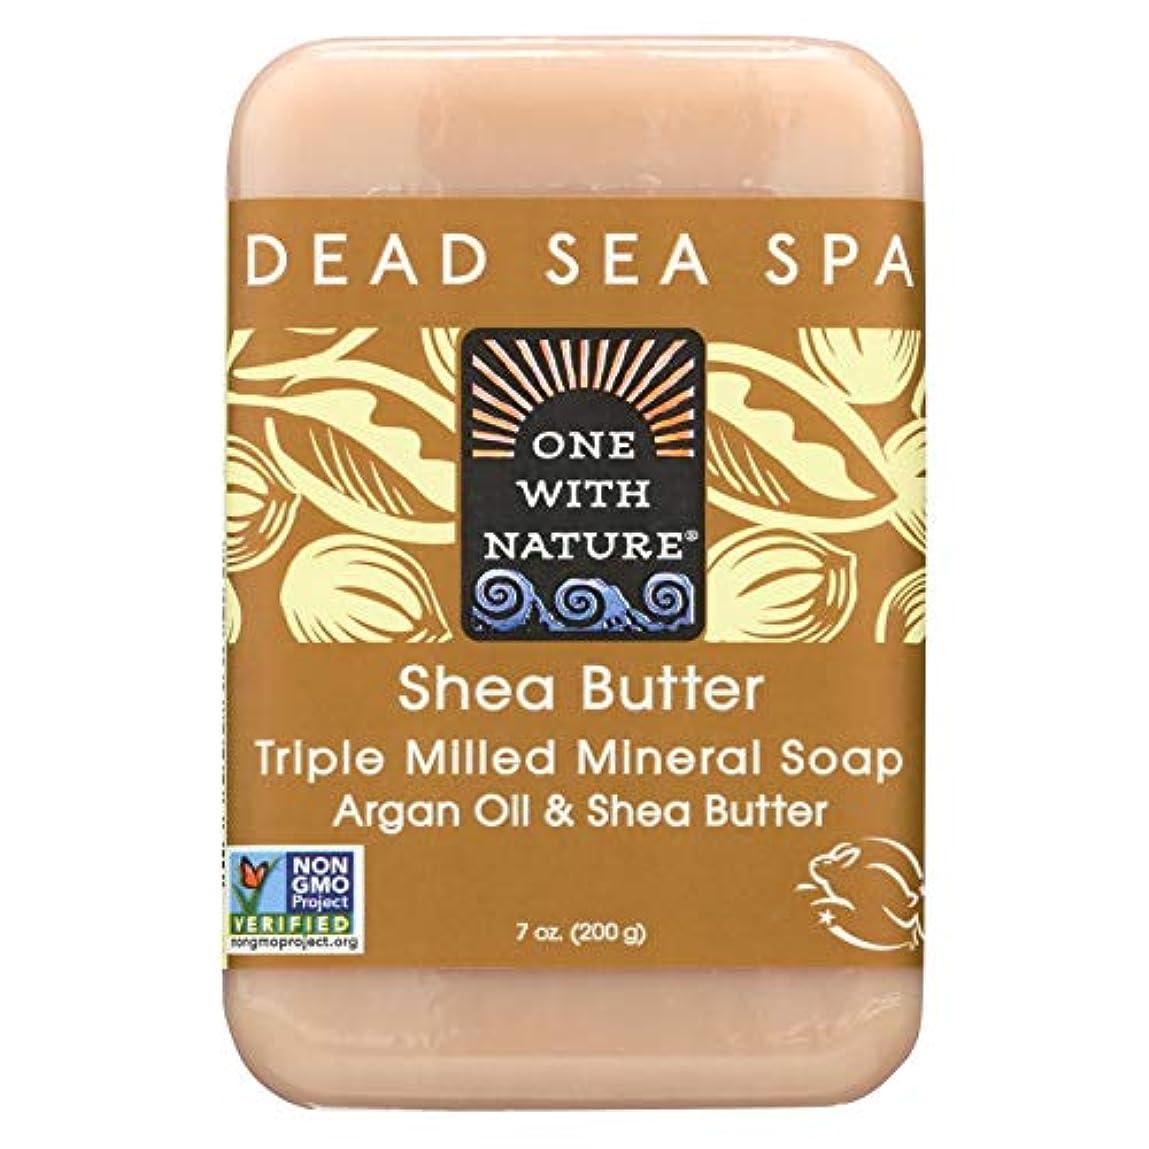 トランスペアレント洋服行Dead Sea Mineral Shea Butter Soap - 7 oz by One With Nature